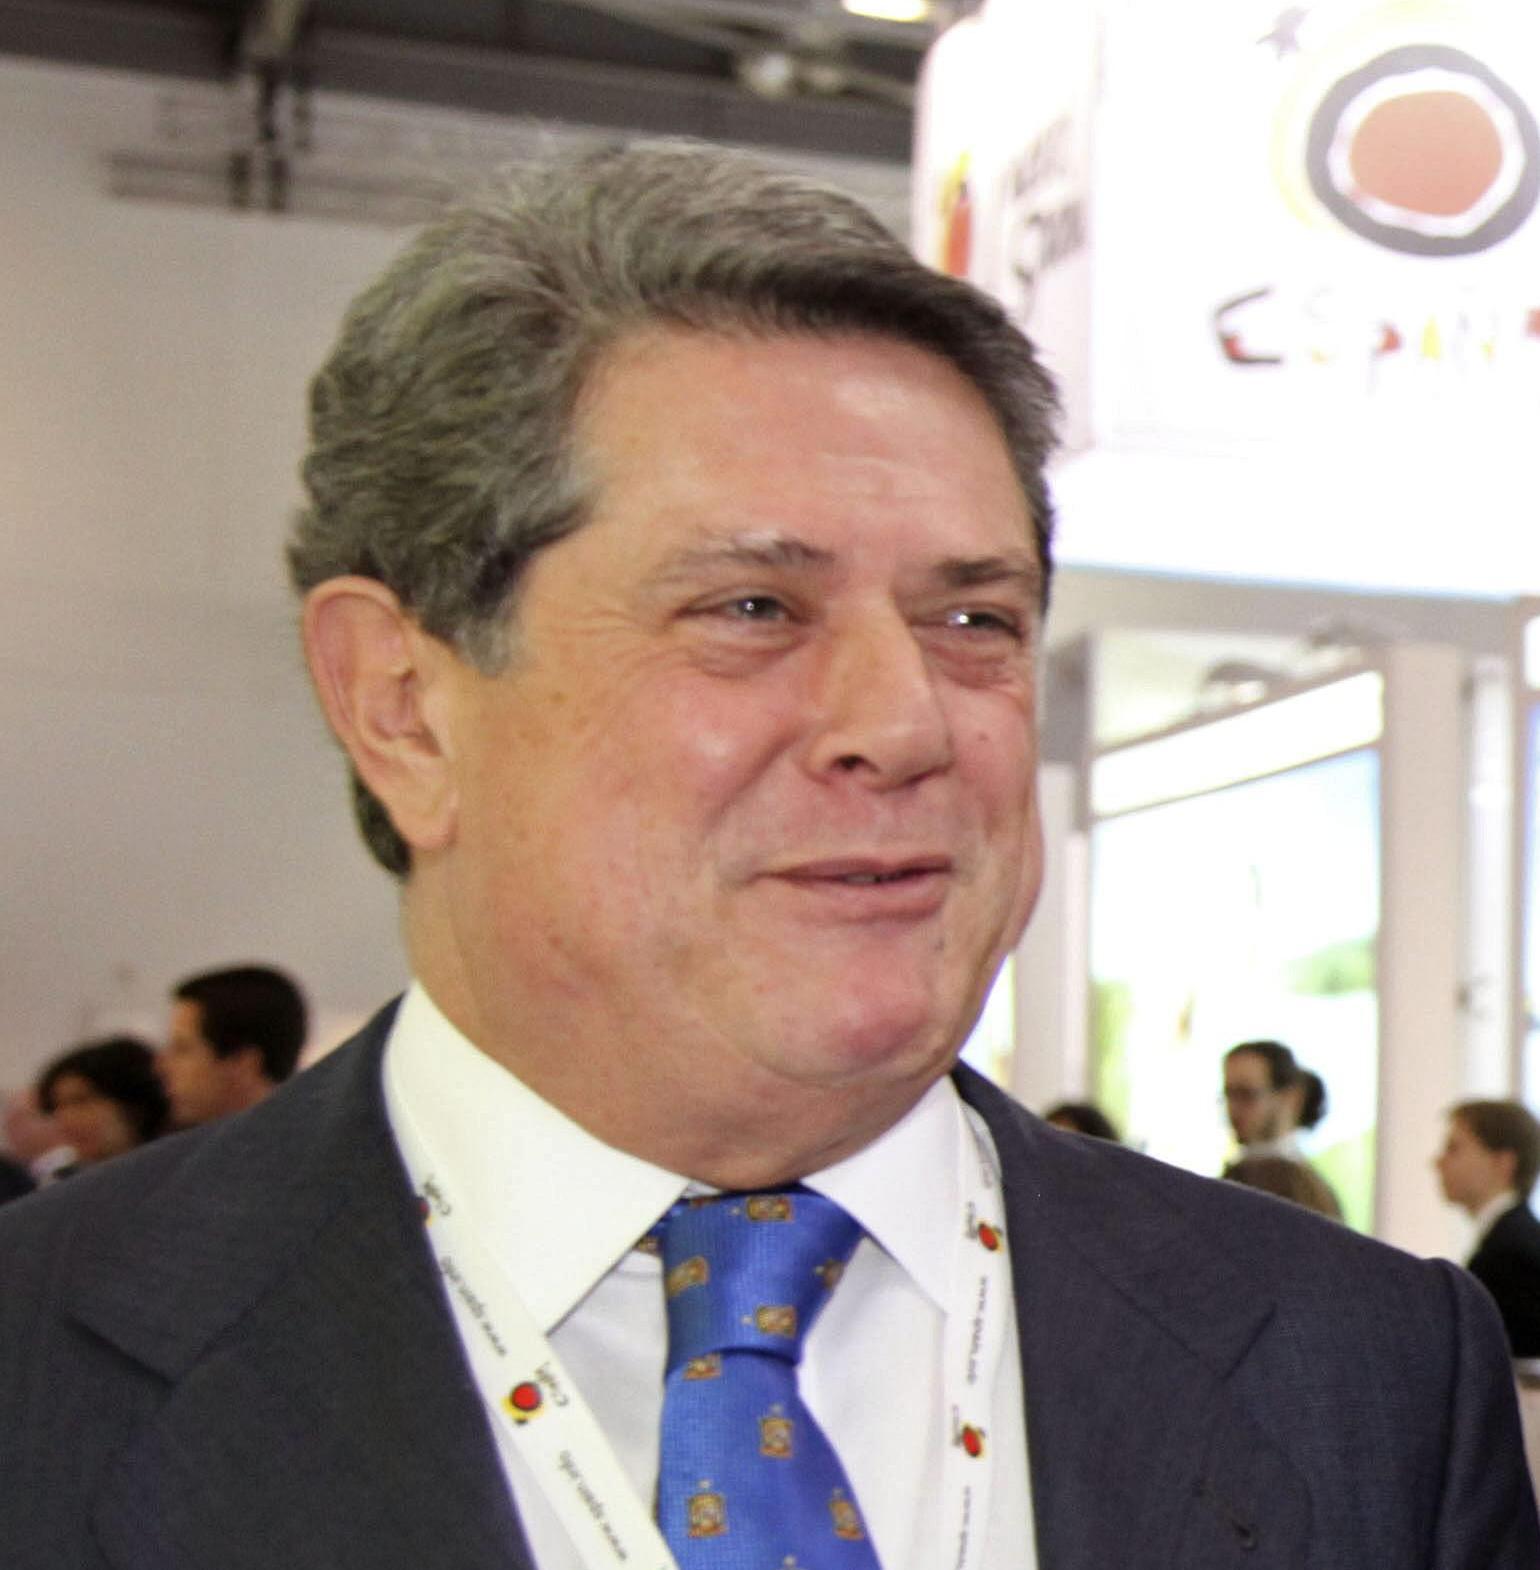 Londres vuelve a llamar al embajador español por Gibraltar